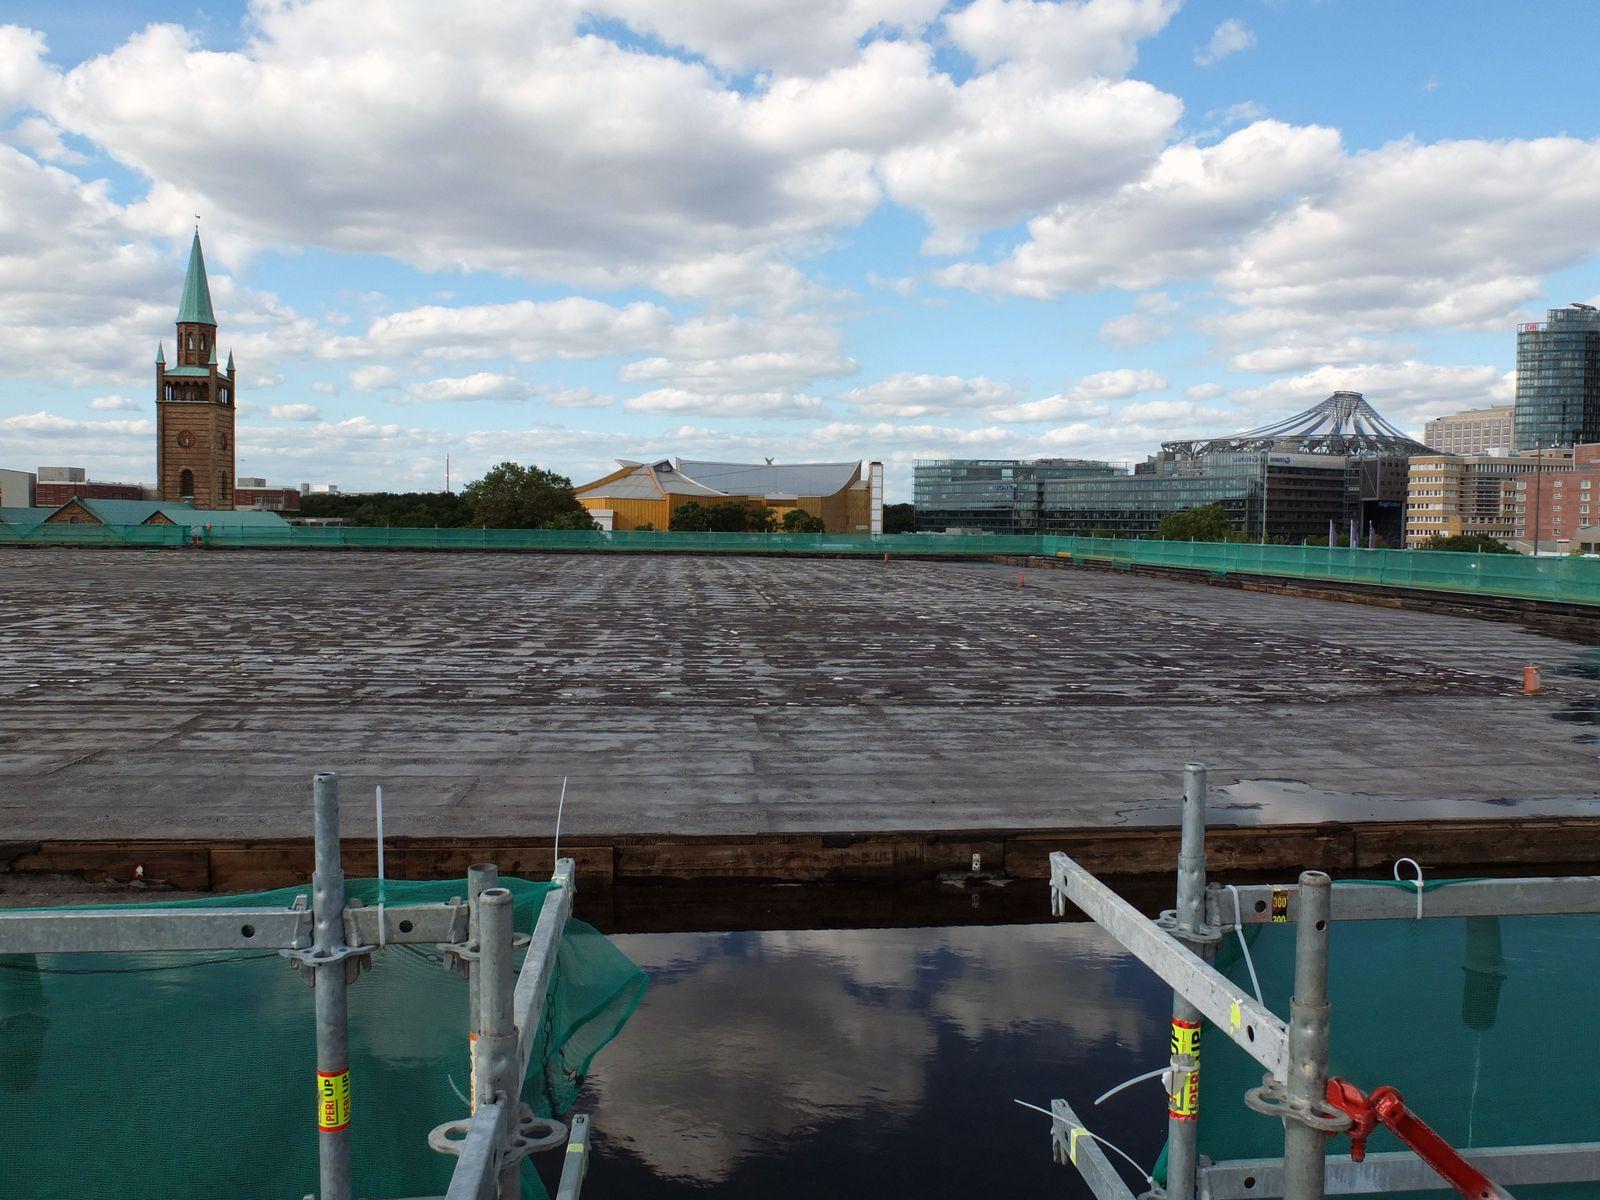 Blick über das Dach der Neuen Nationalgalerie zur St. Matthäus-Kirche. Foto: schmedding.vonmarlin.